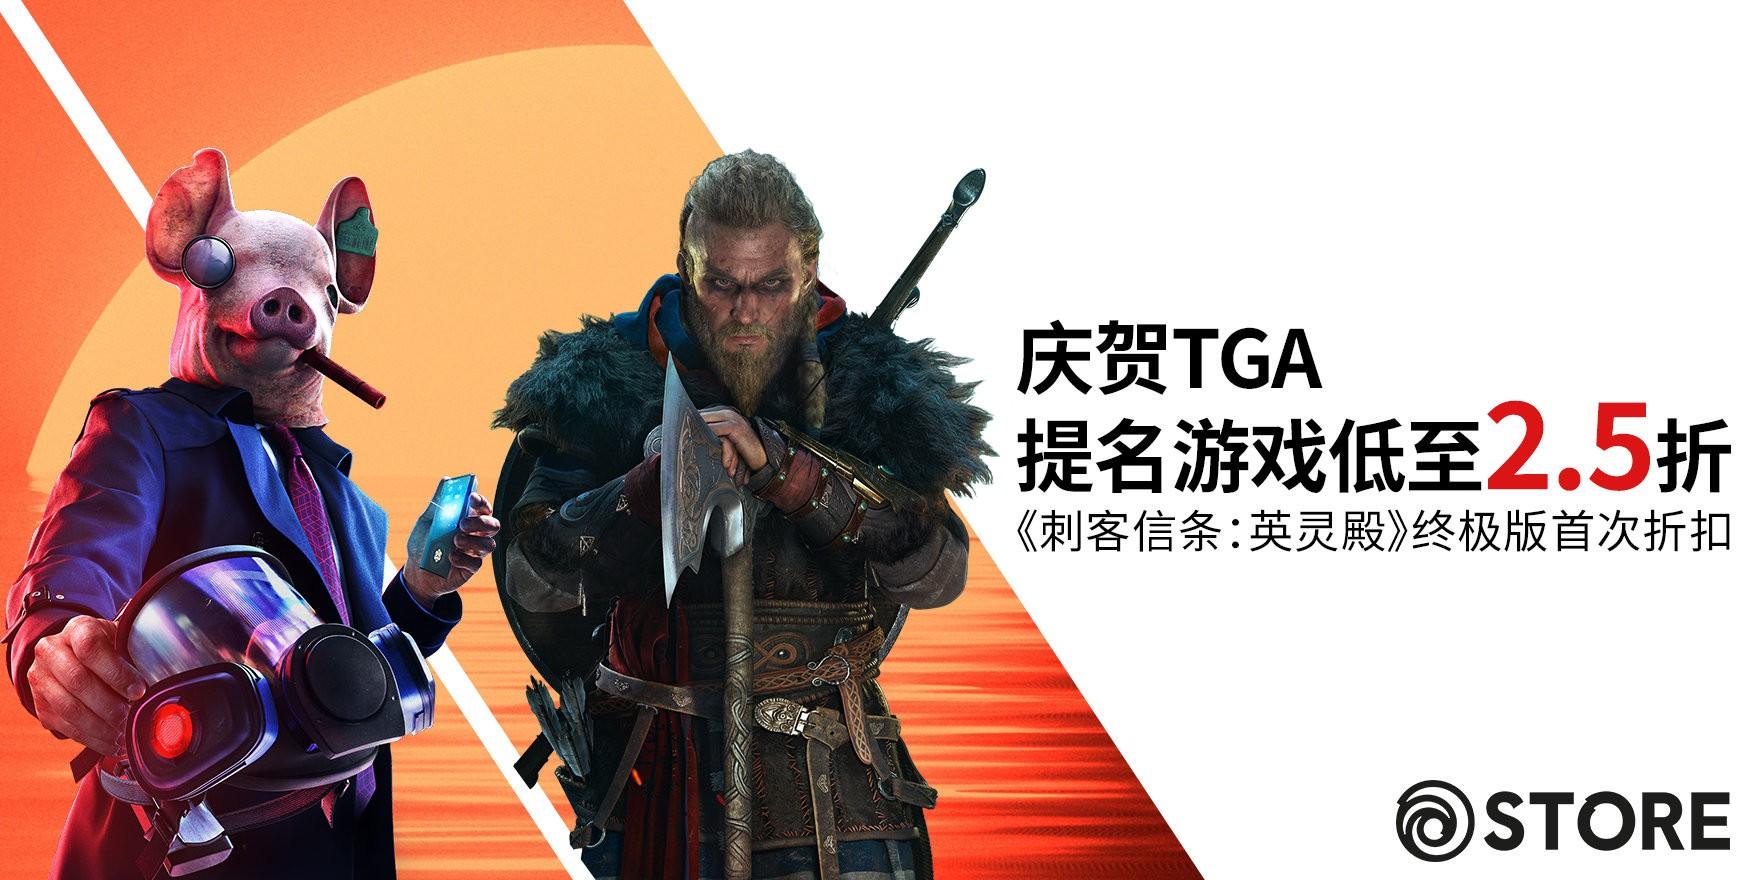 育碧开启TGA特惠:《刺客信条:英灵殿》终极版首次打折